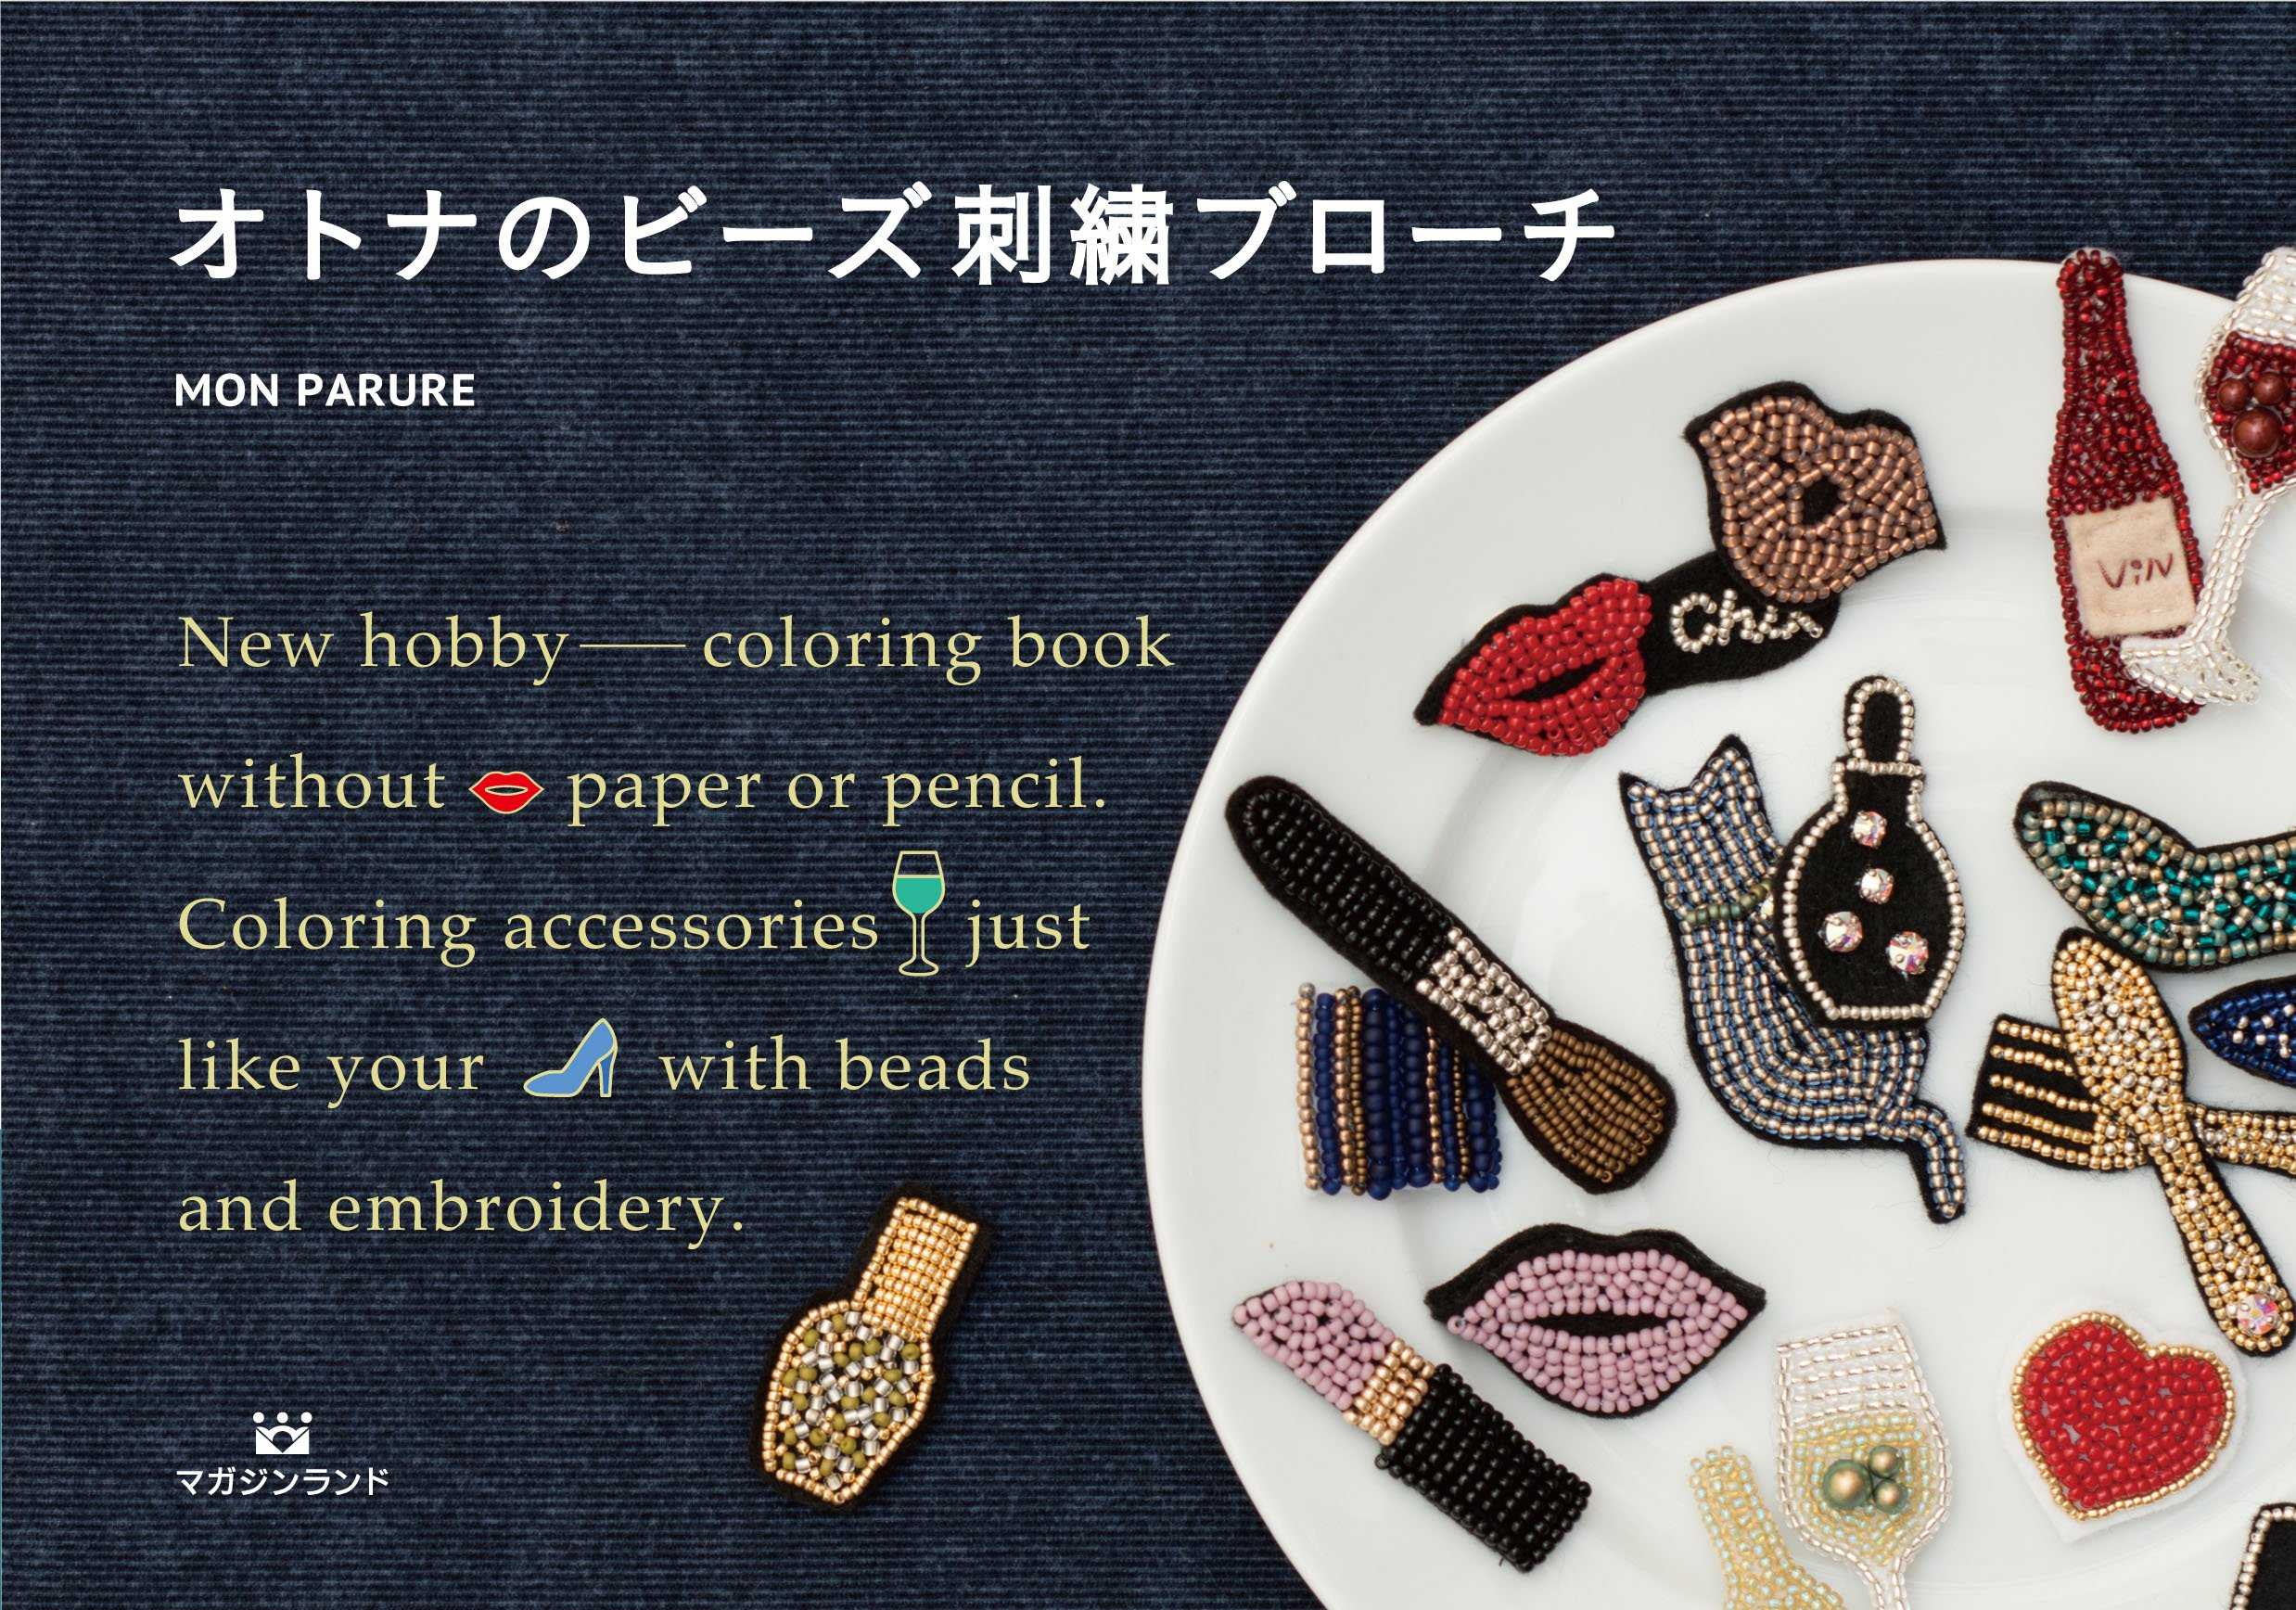 オトナのビーズ刺繍ブローチ書影